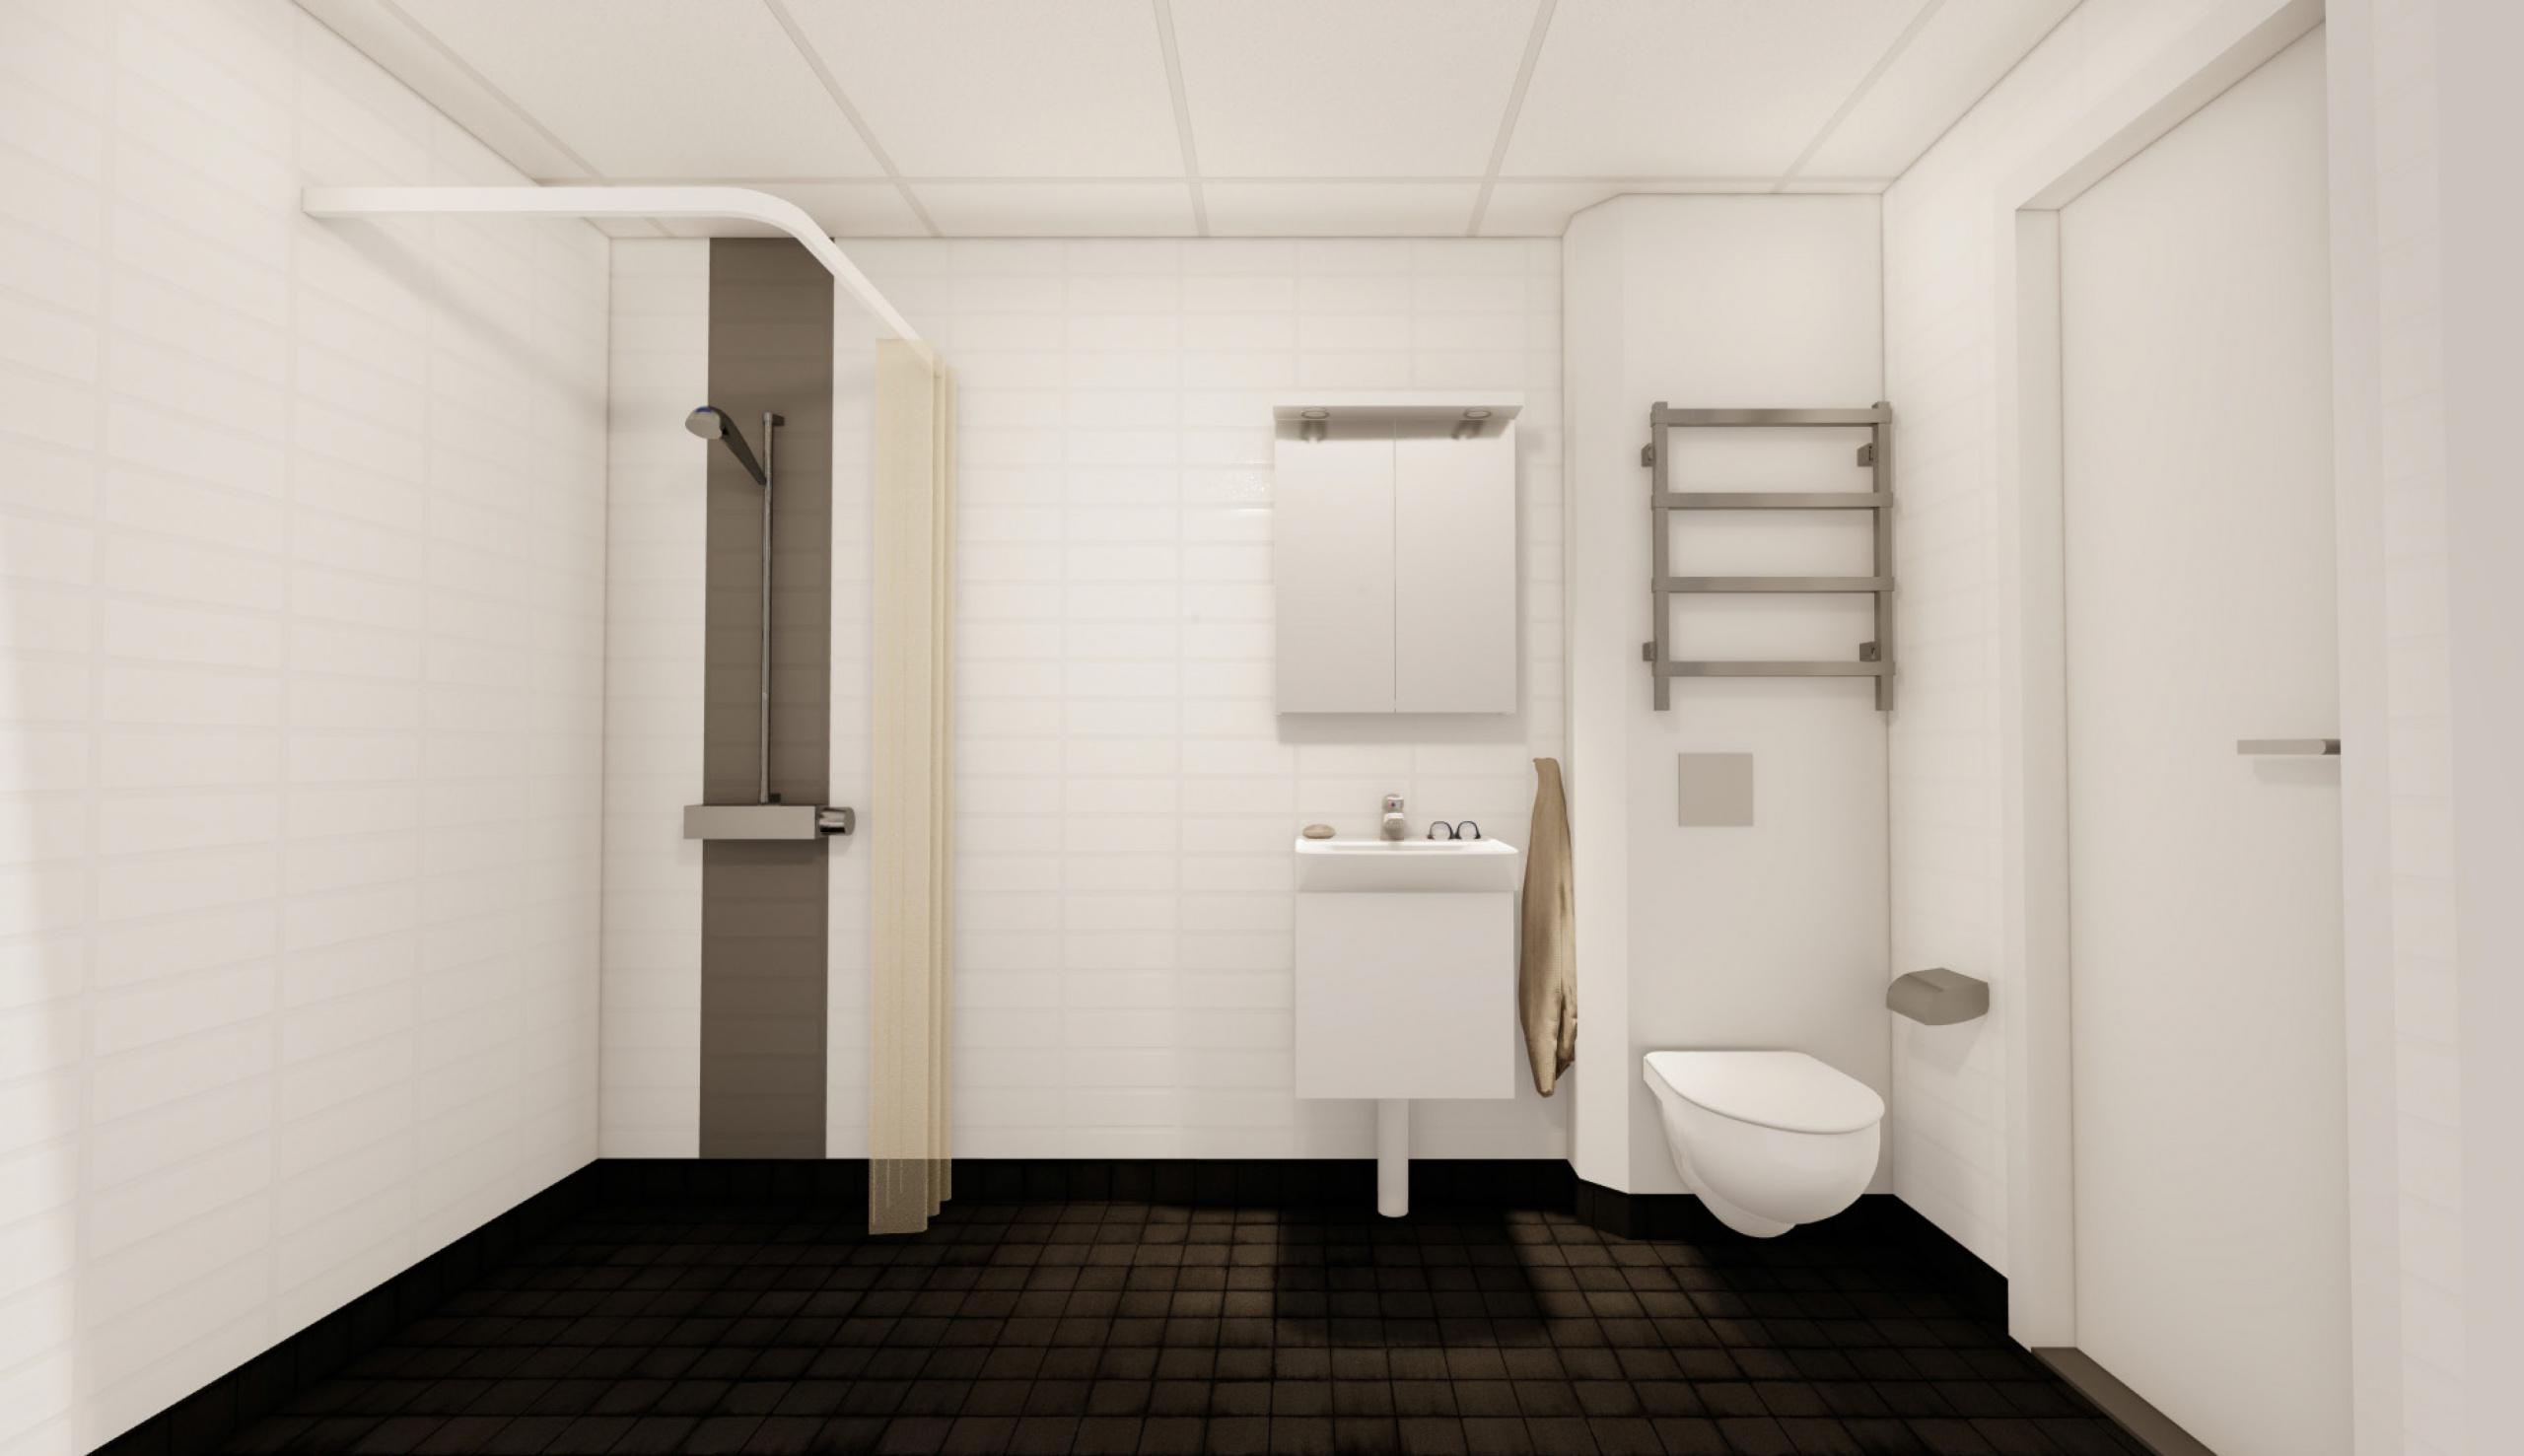 Ljust duschrum med svart kaklat golv, handdukstork, spegelskåp med belysning och eluttag.